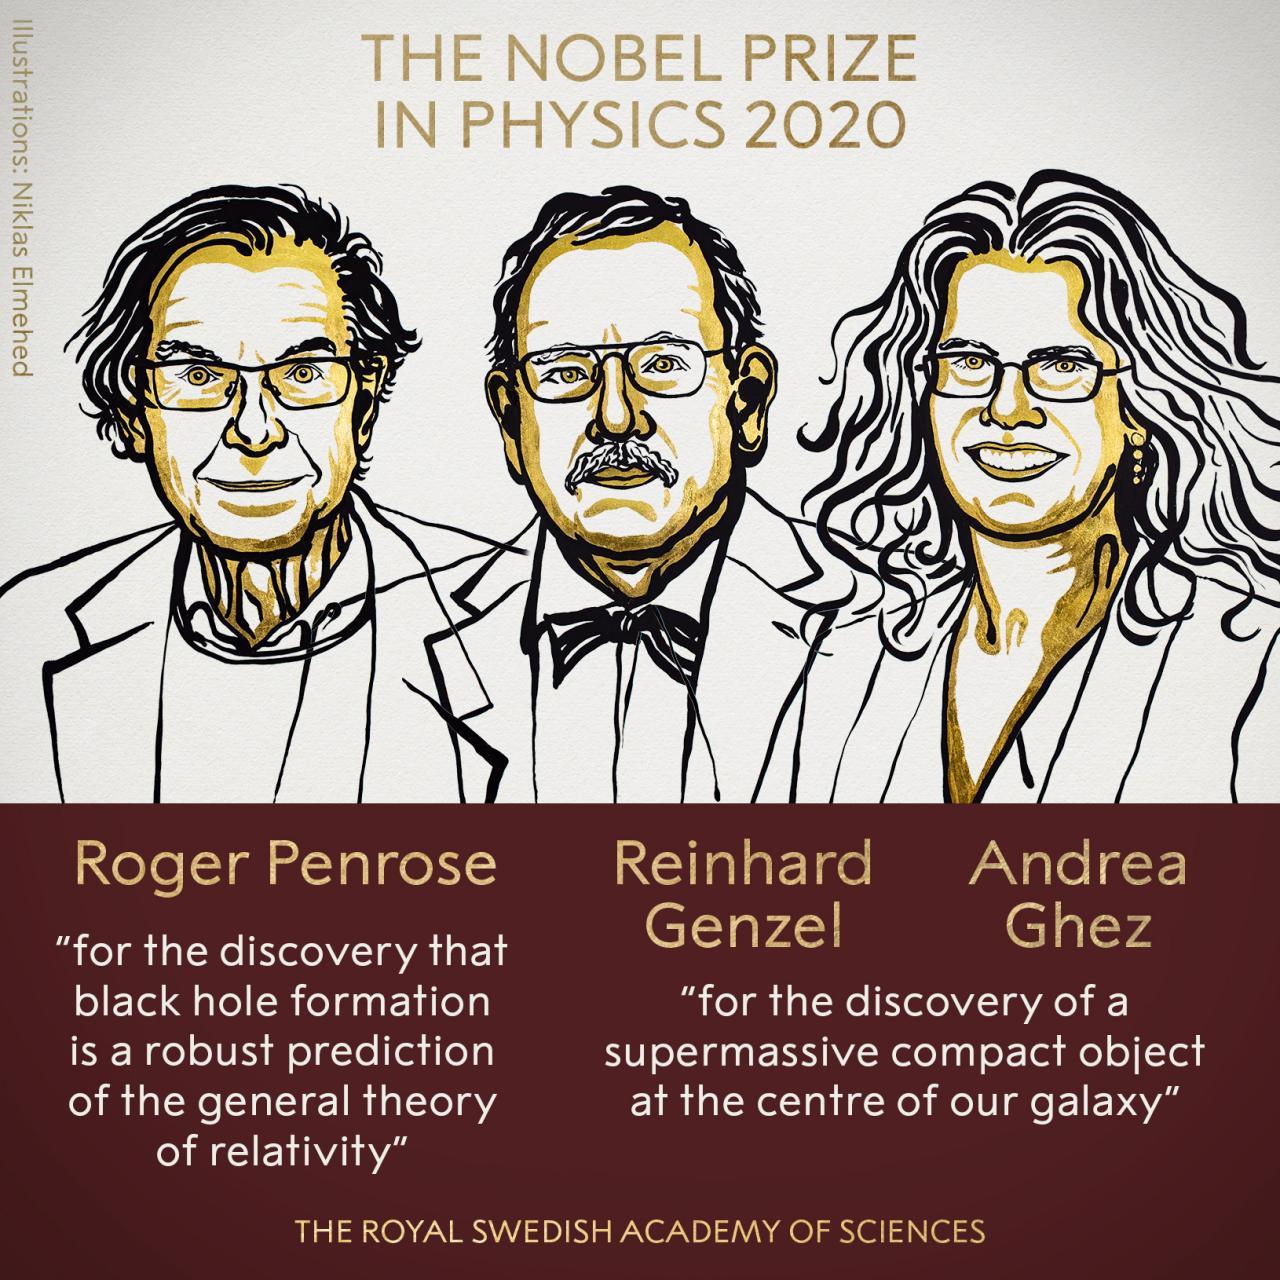 因黑洞研究,三名科学家获2020年诺贝尔物理学奖-风君子博客